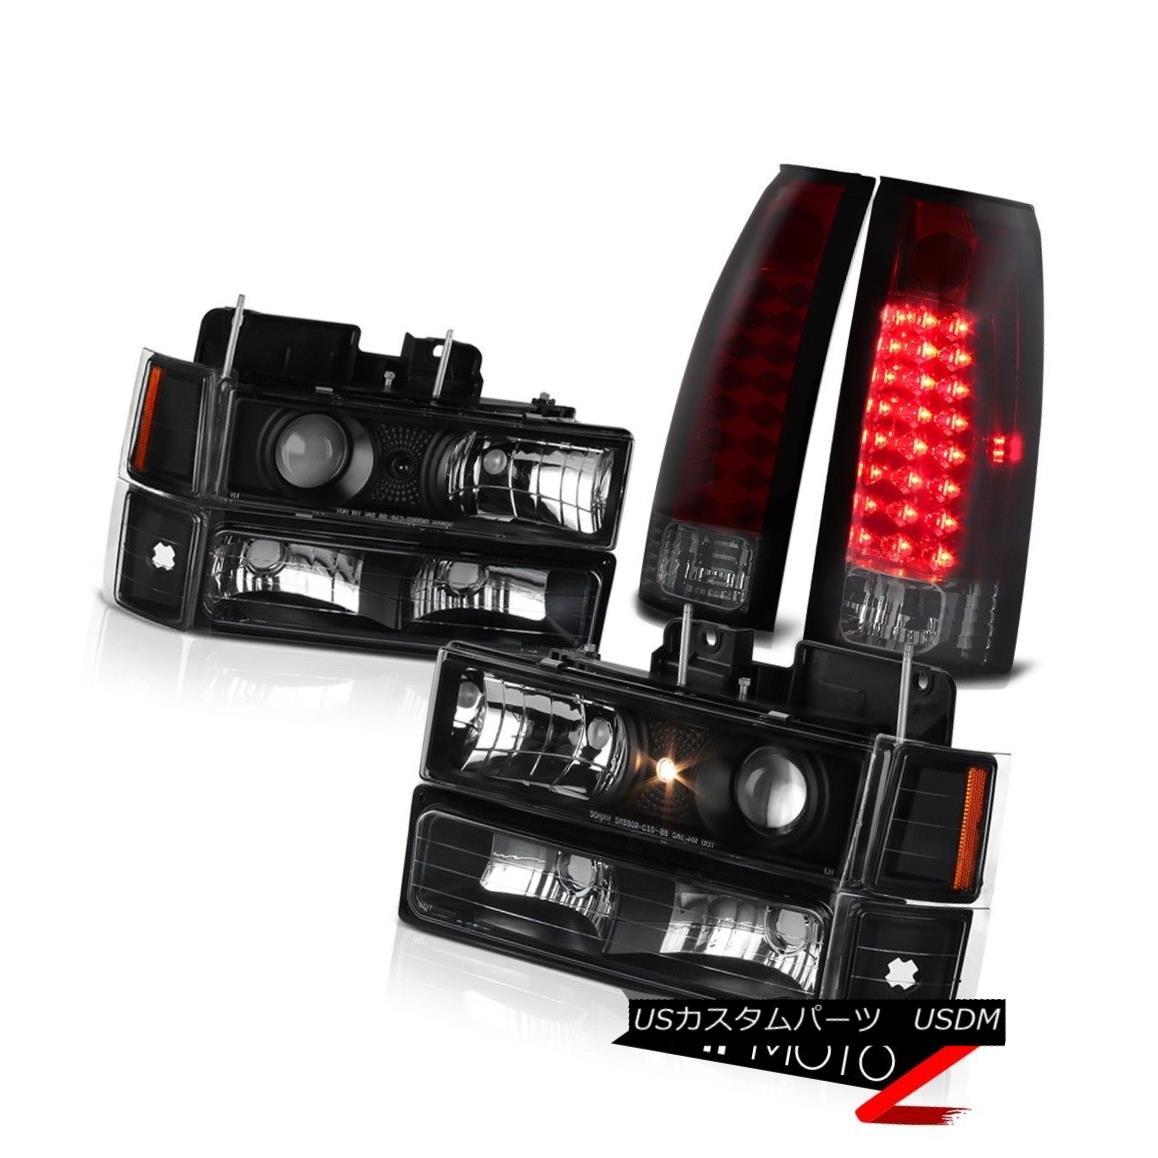 テールライト 1994-1998 Chevy Silverado Suburban Tahoe Red Smoke LED Tail Light Head Lights 1994-1998シボレーシルバラード郊外のタホ赤煙LEDテールライトヘッドライト